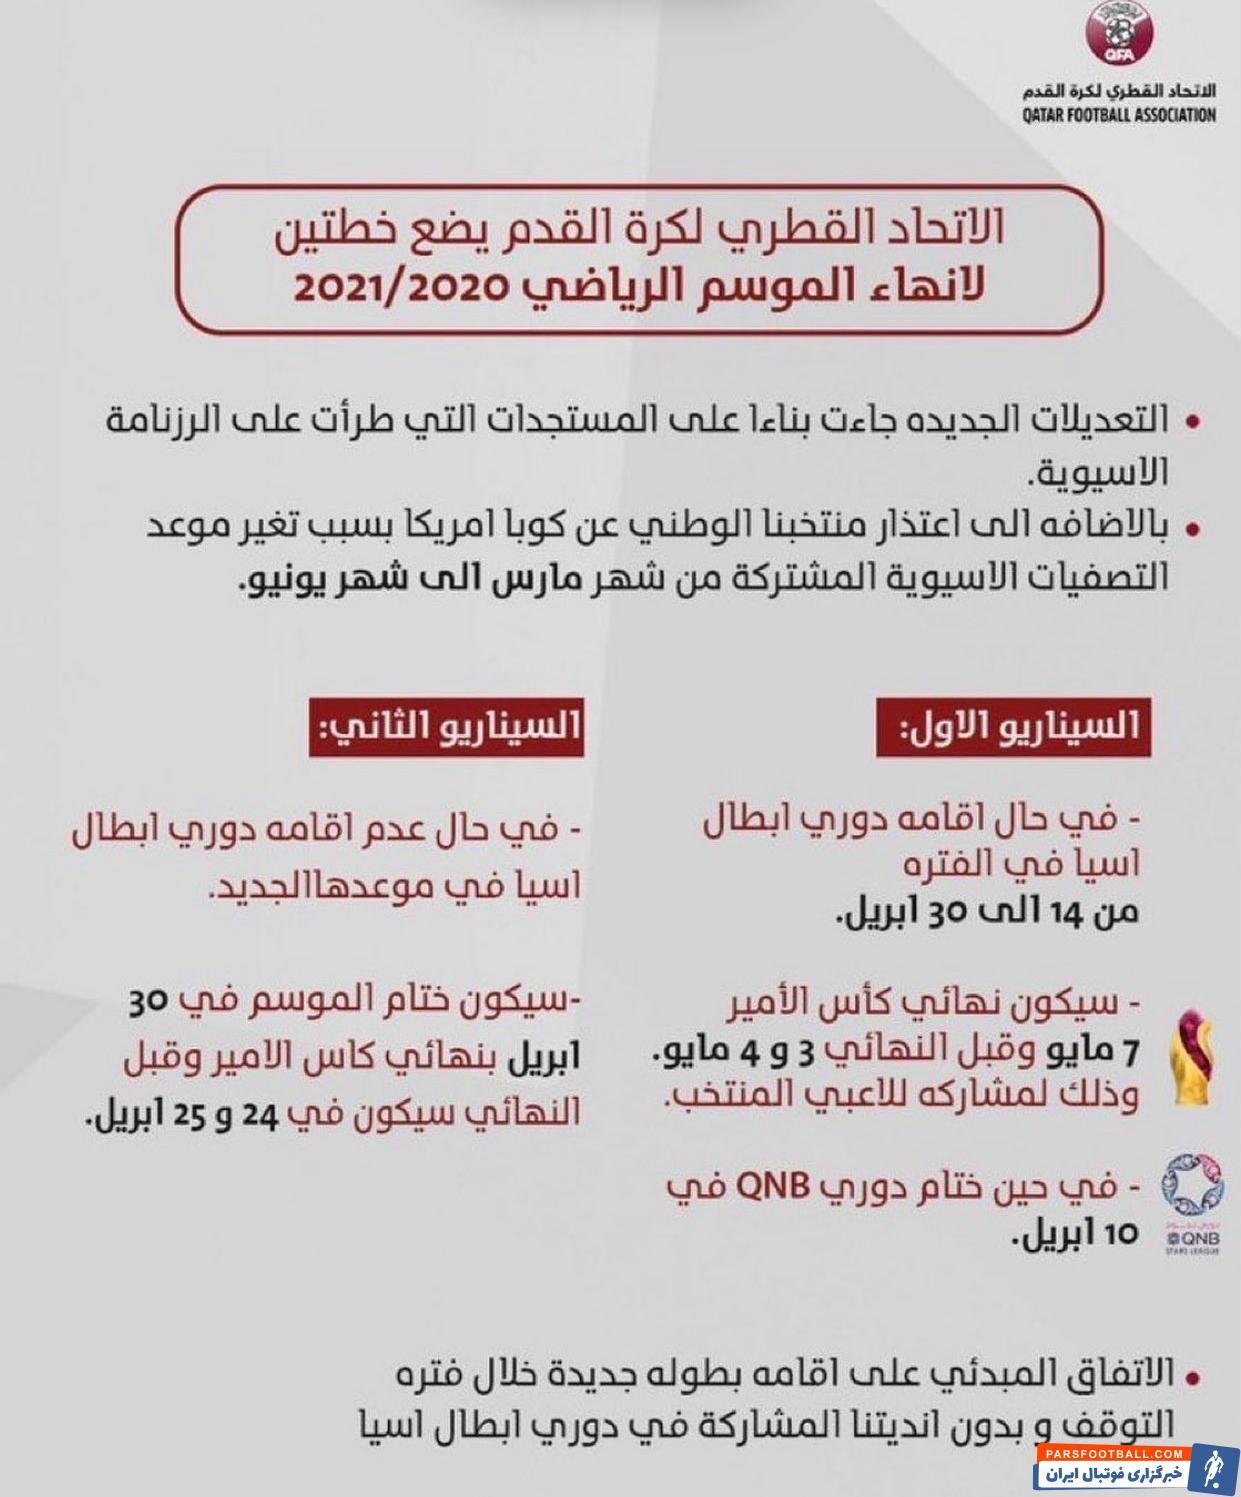 دو برنامه فدراسیون فوتبال قطر با توجه به برگزاری لیگ قهرمانان آسیا